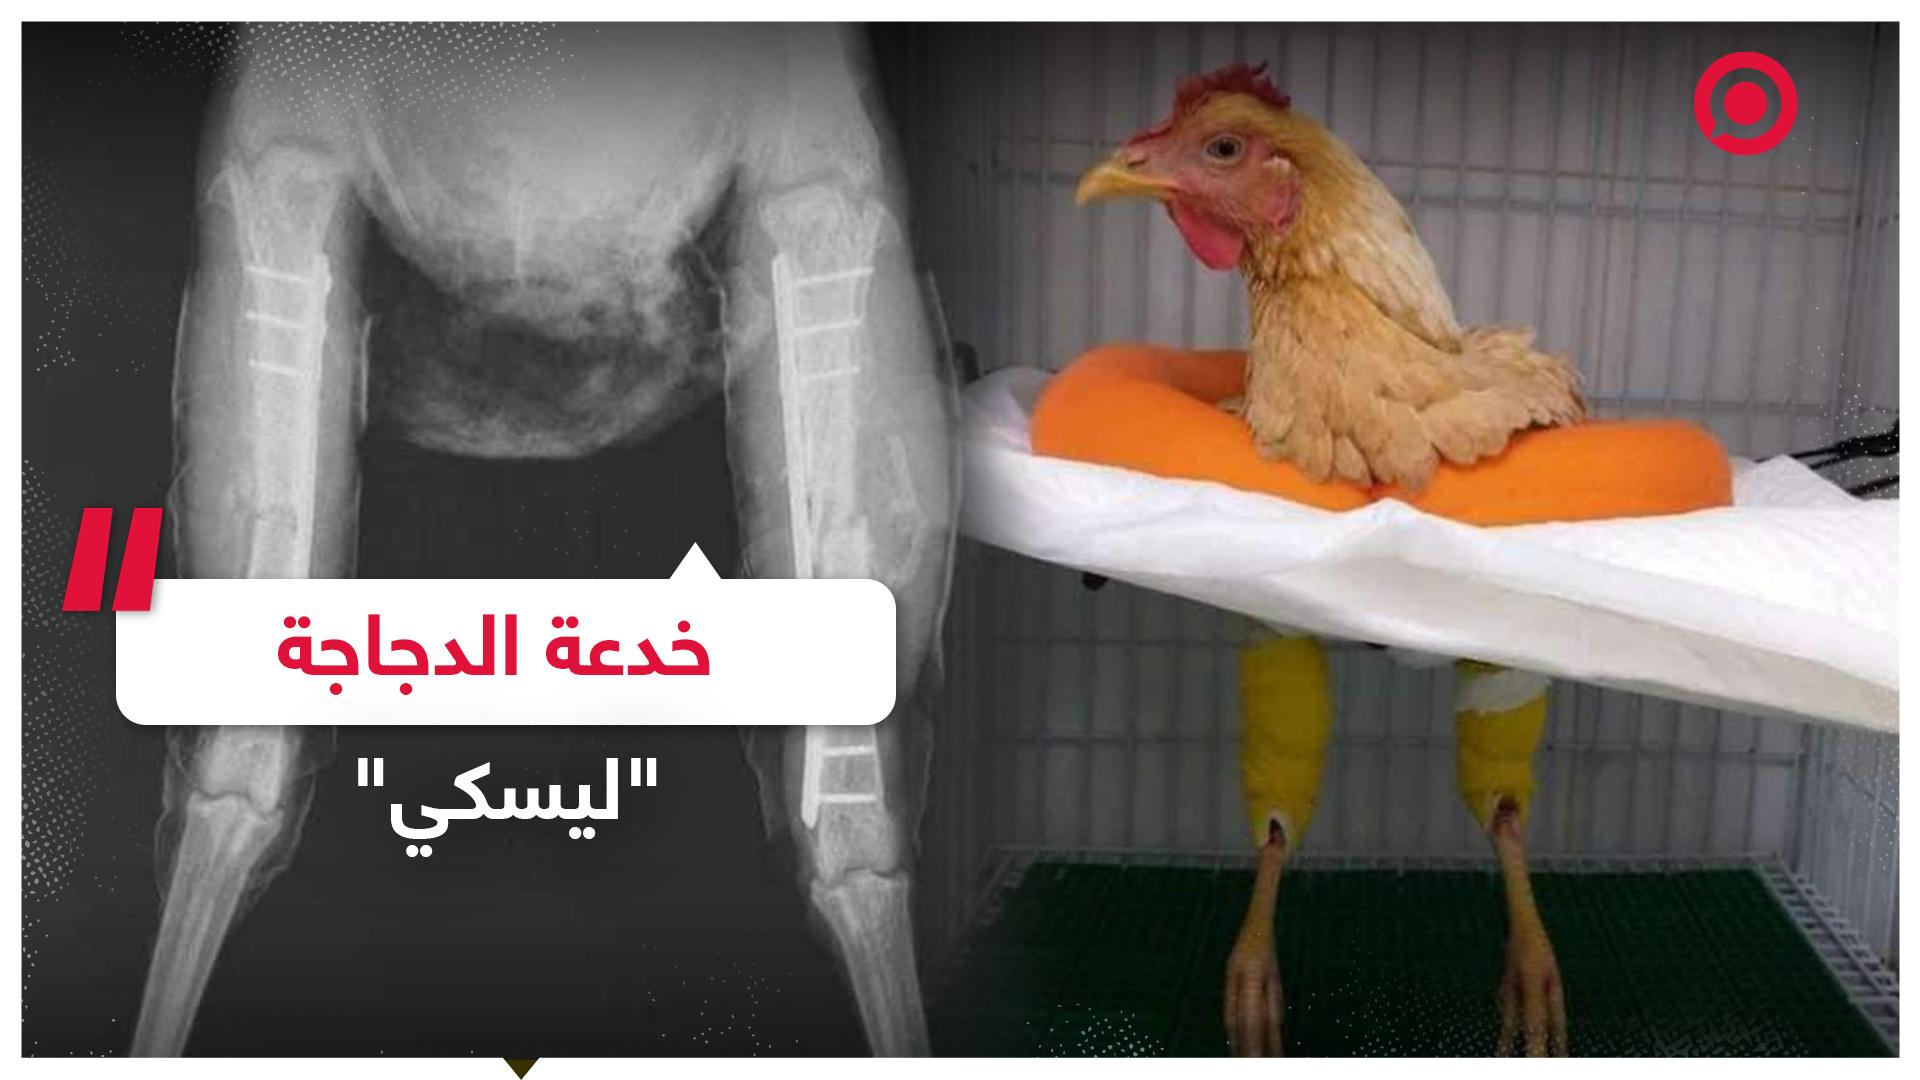 طبيب برازيلي يكشف خدعة الدجاجة ليسكي